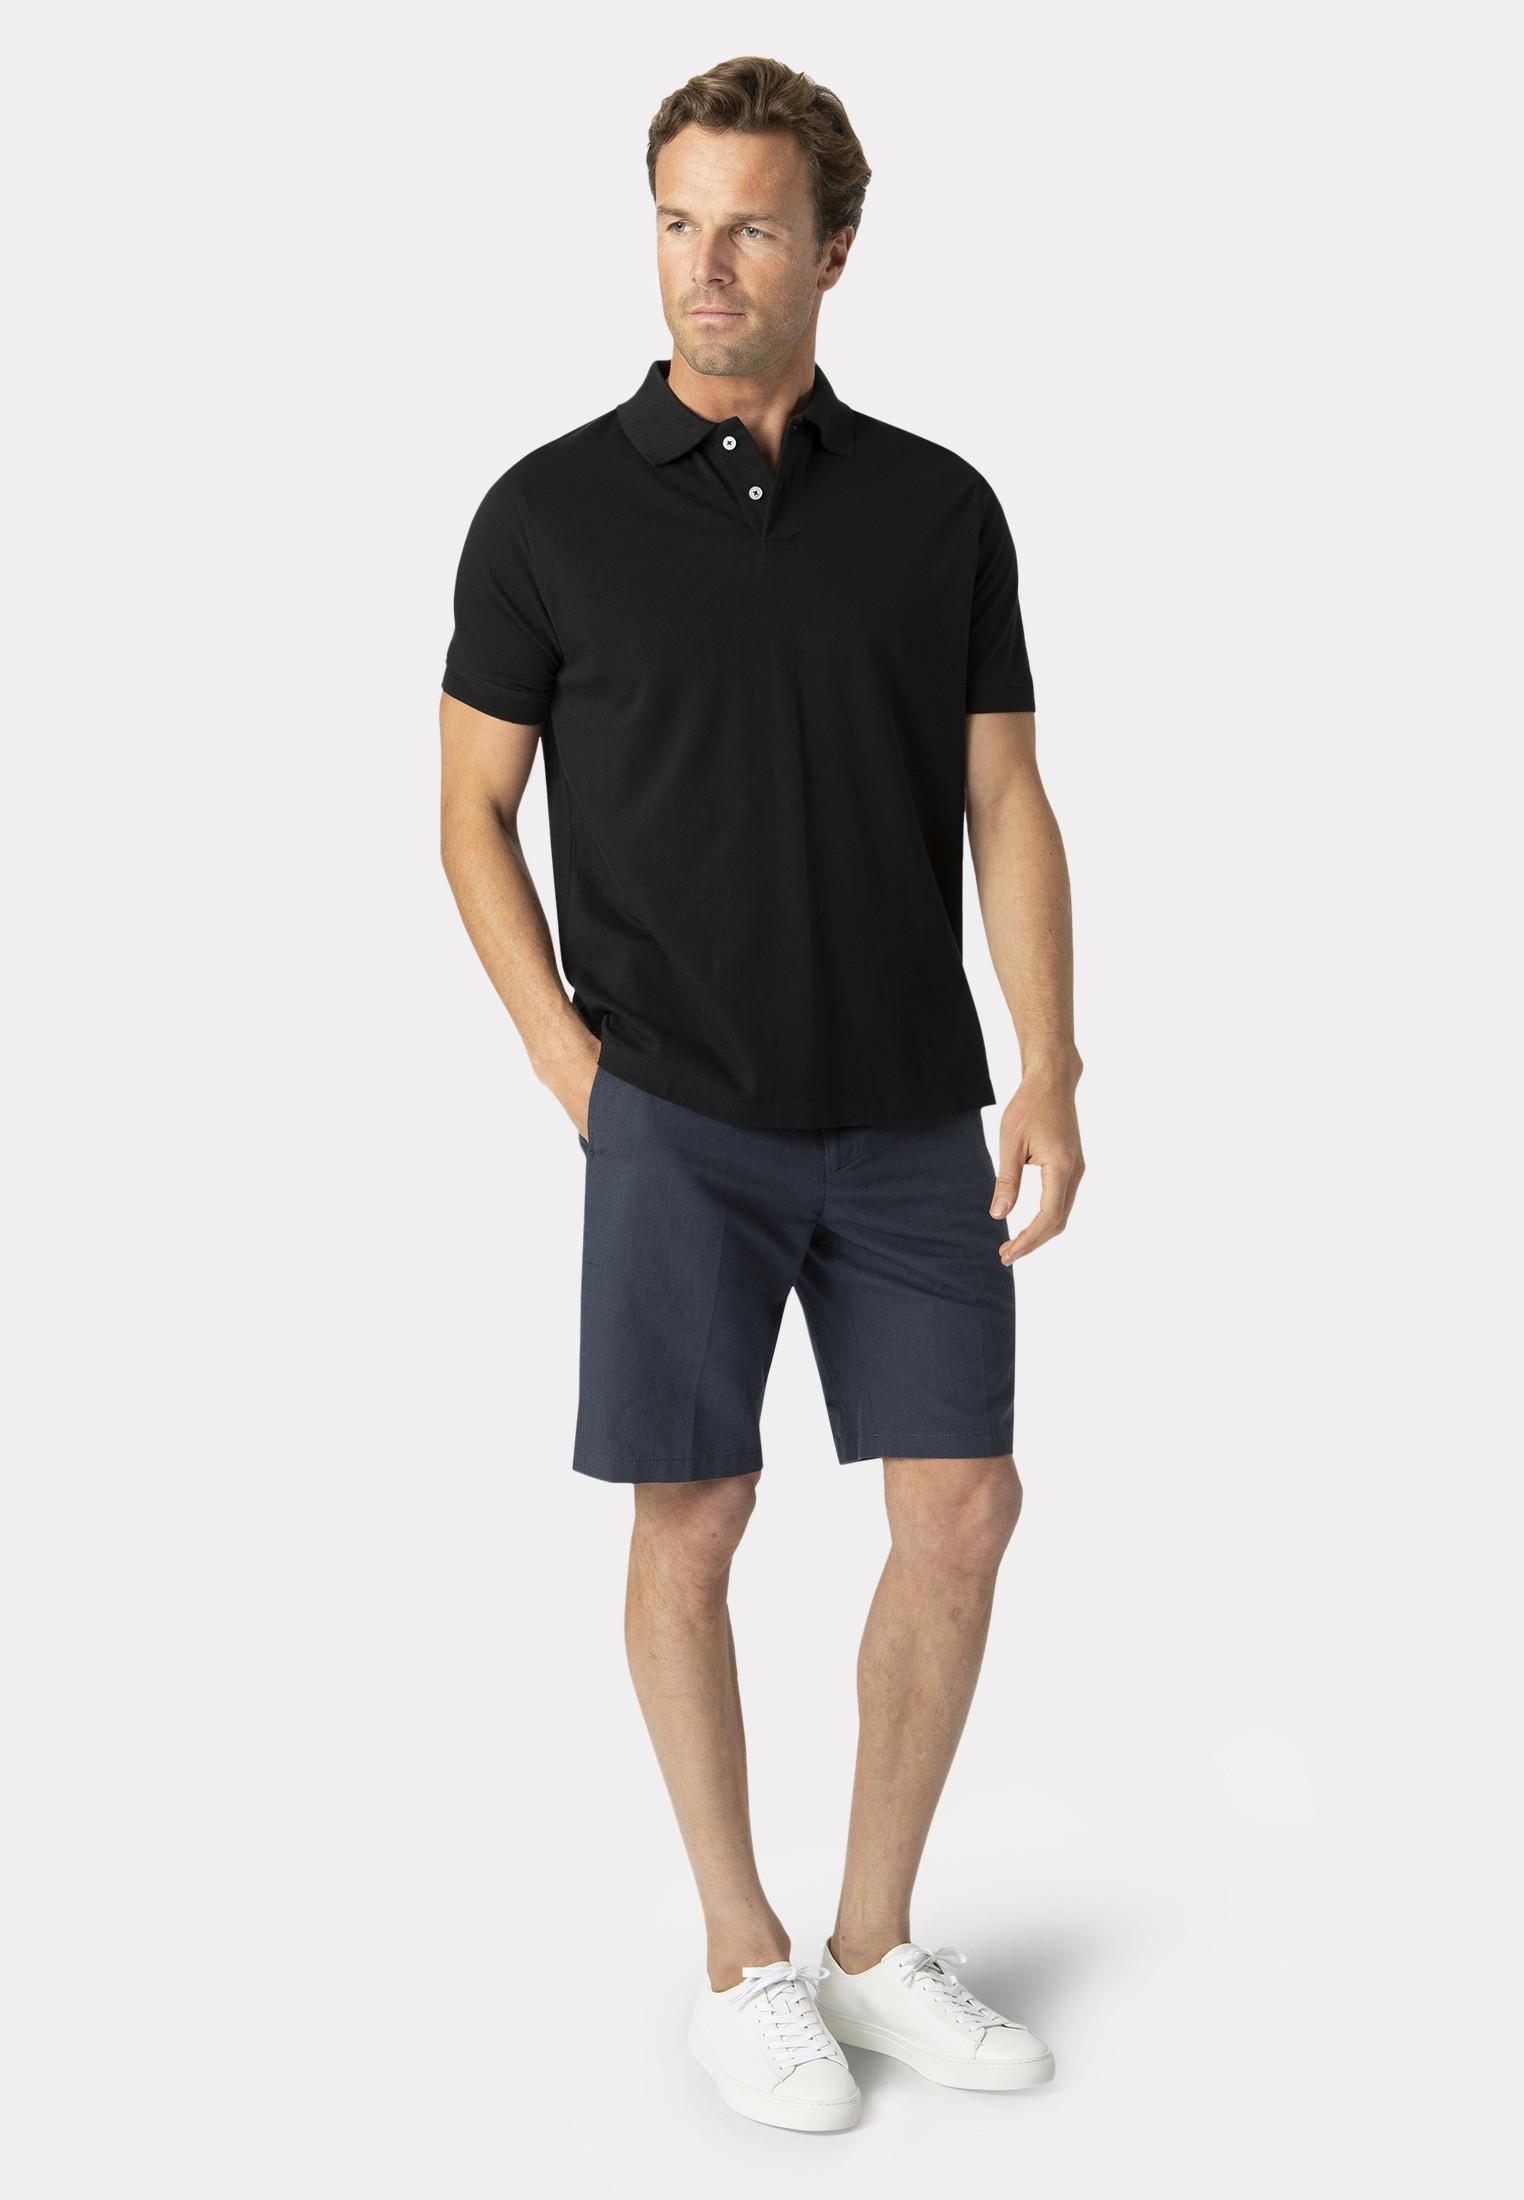 Milford Black 100% Pique Cotton Polo Shirt